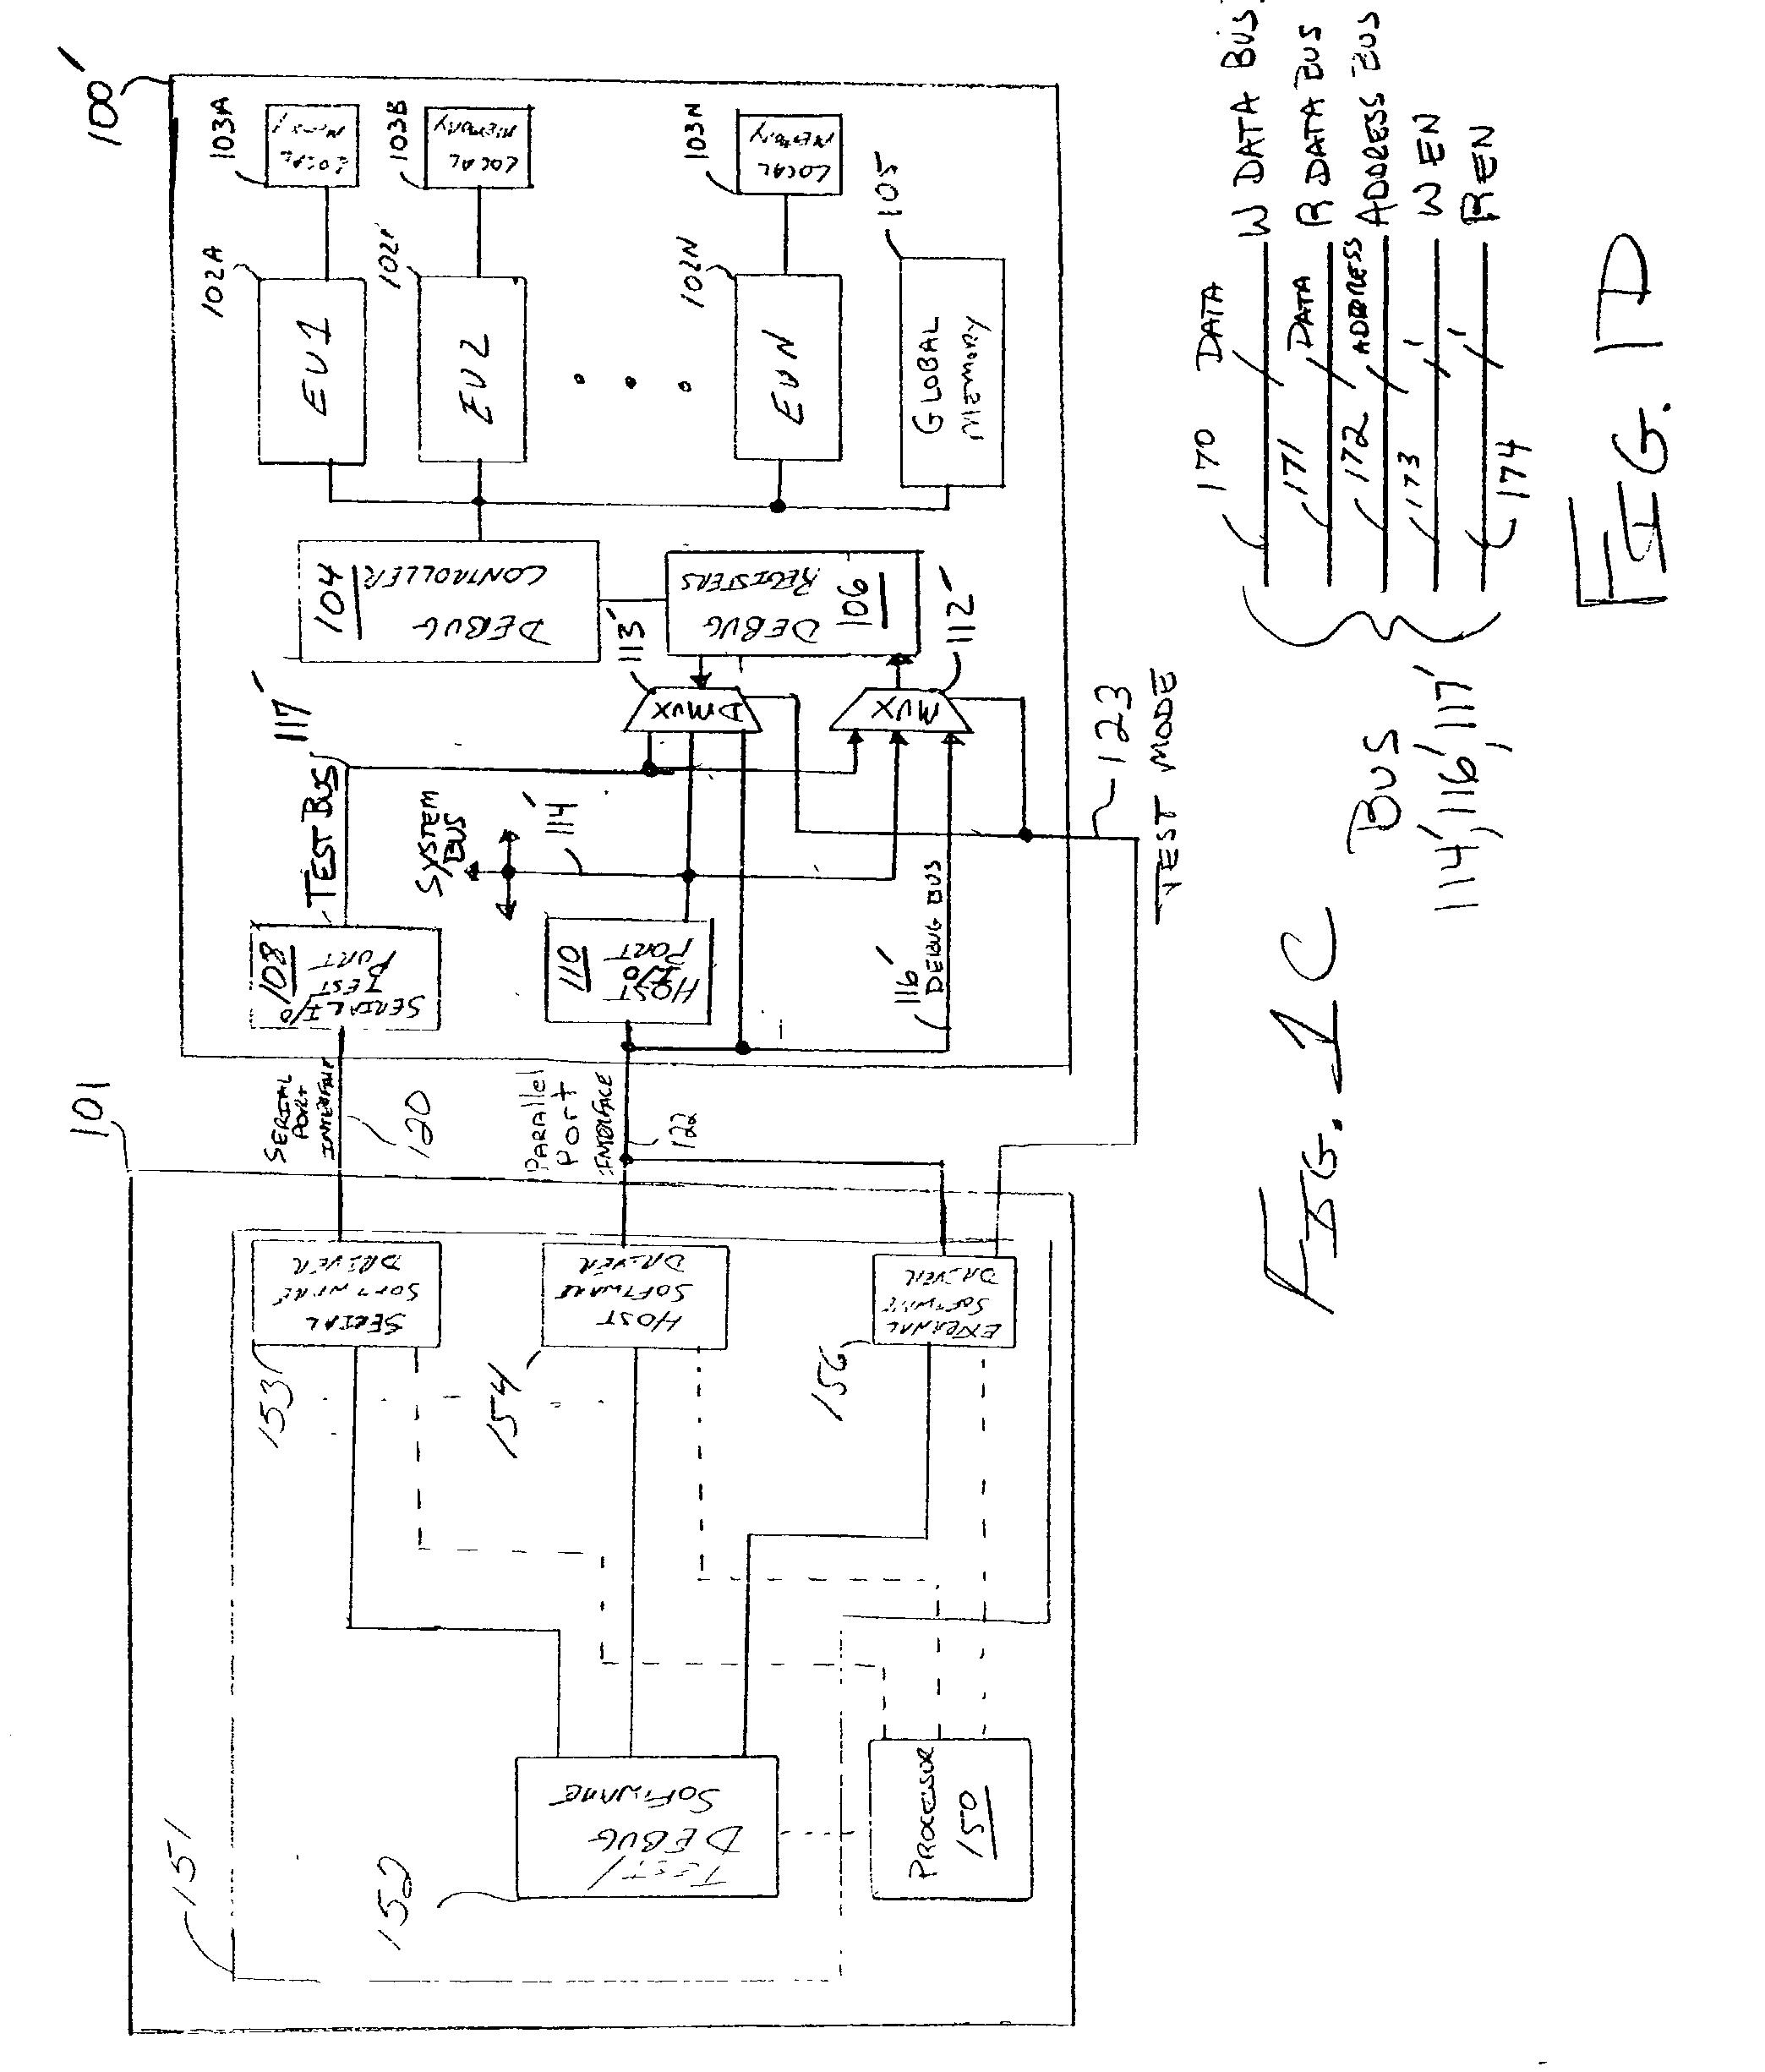 patent us20020133794